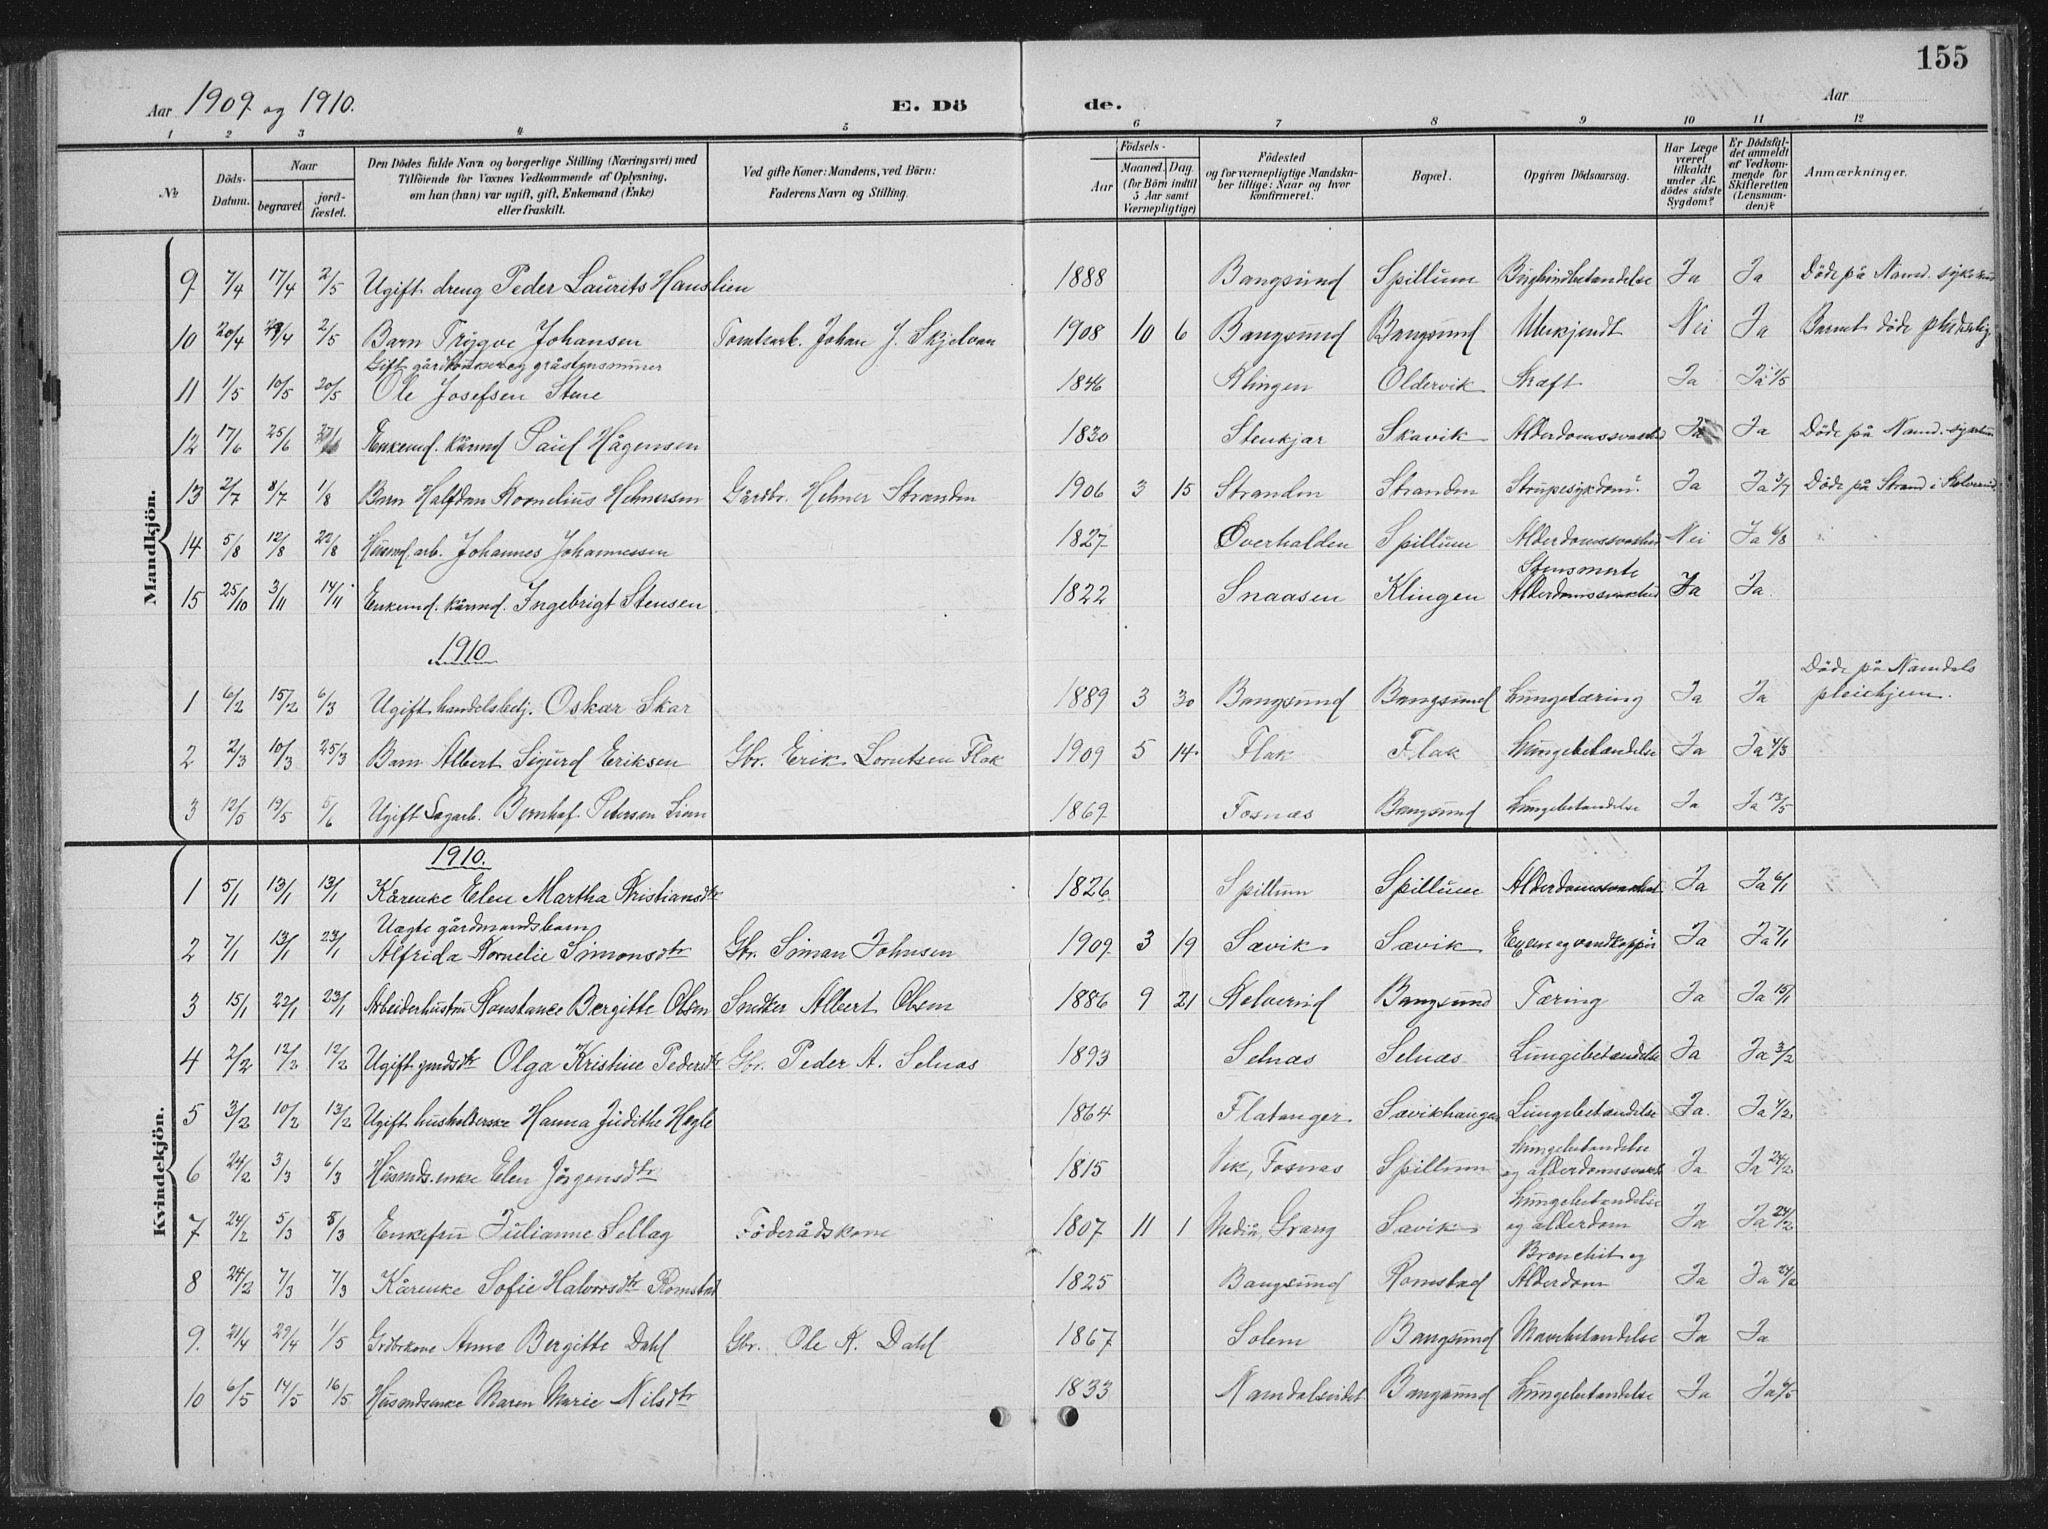 SAT, Ministerialprotokoller, klokkerbøker og fødselsregistre - Nord-Trøndelag, 770/L0591: Klokkerbok nr. 770C02, 1902-1940, s. 155